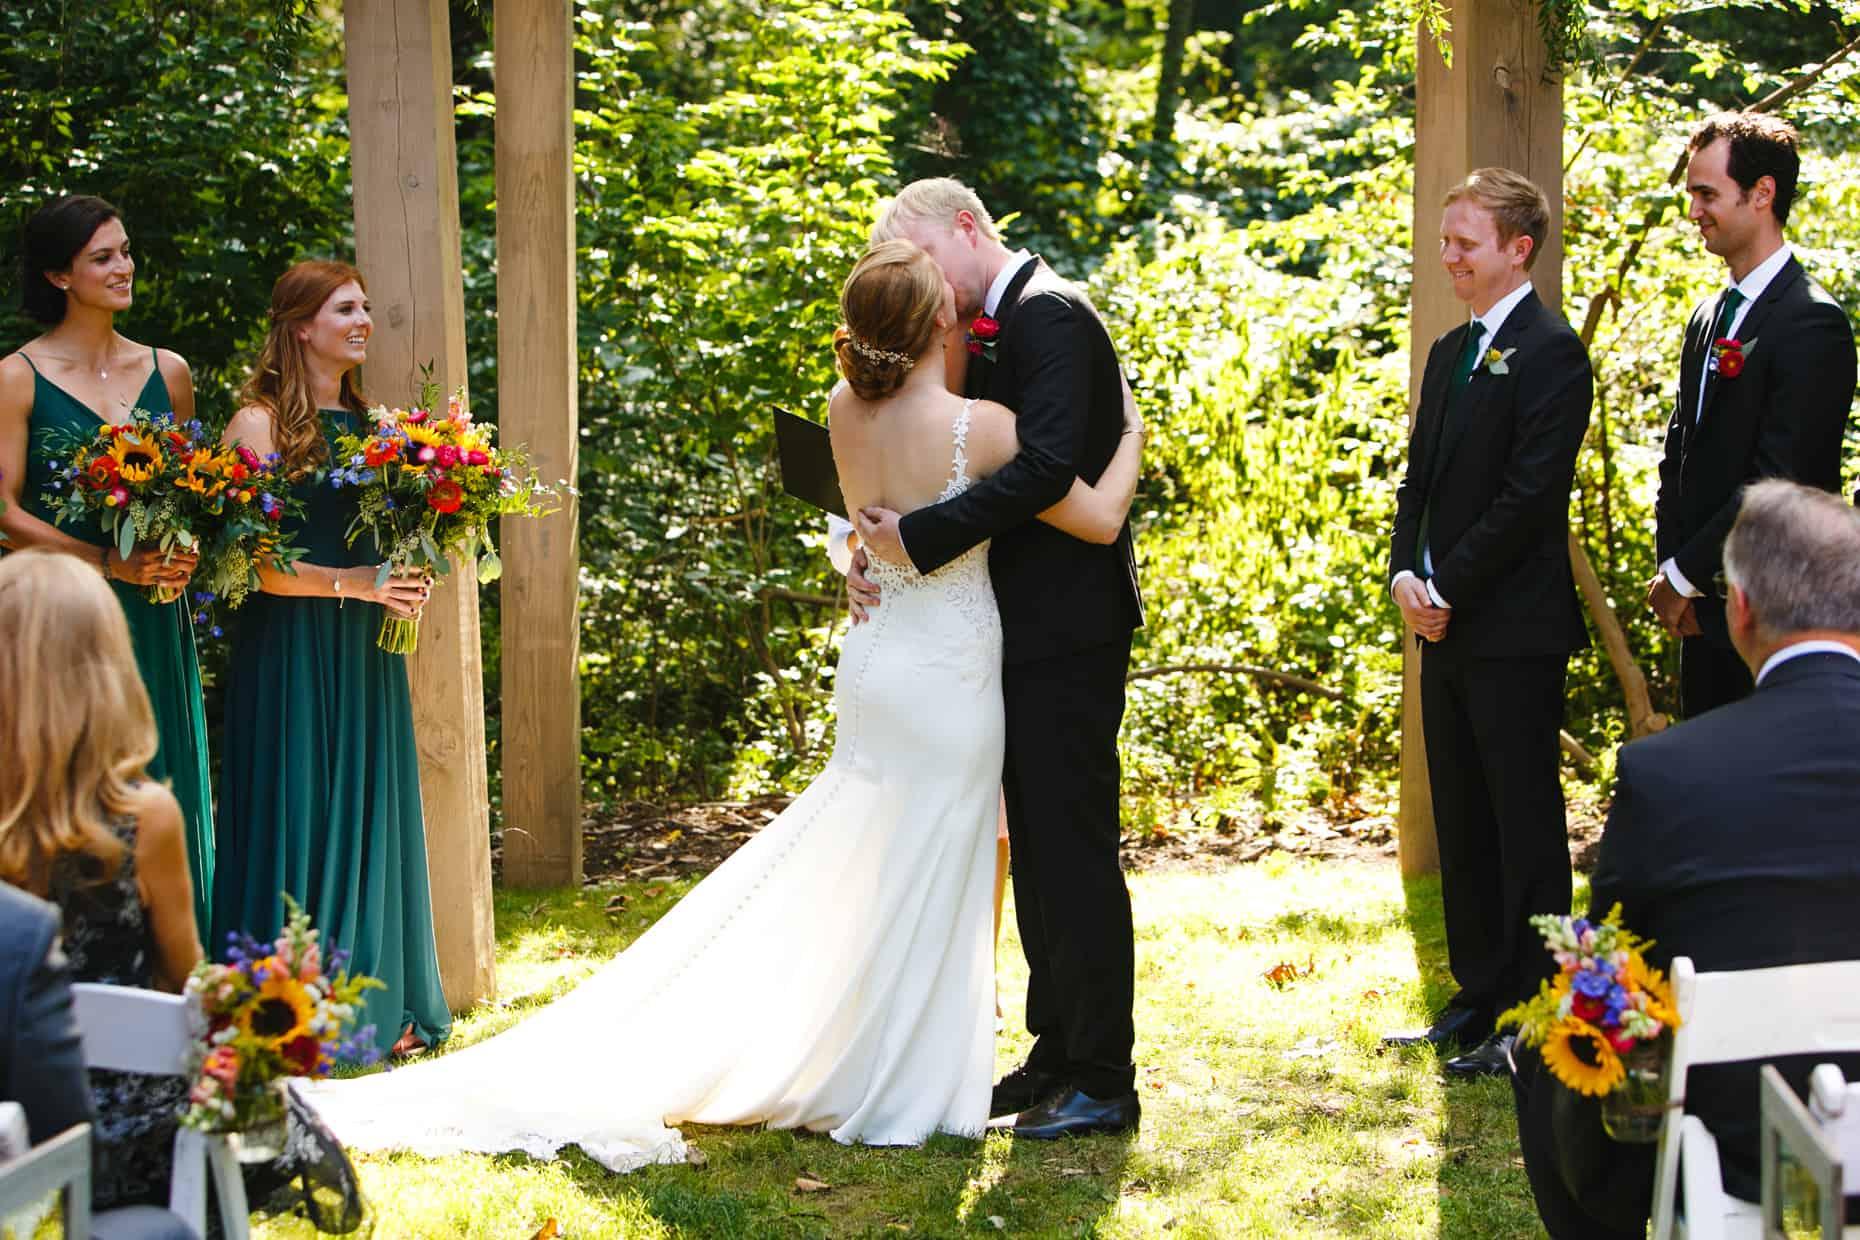 Anthony Wayne Wedding Reception